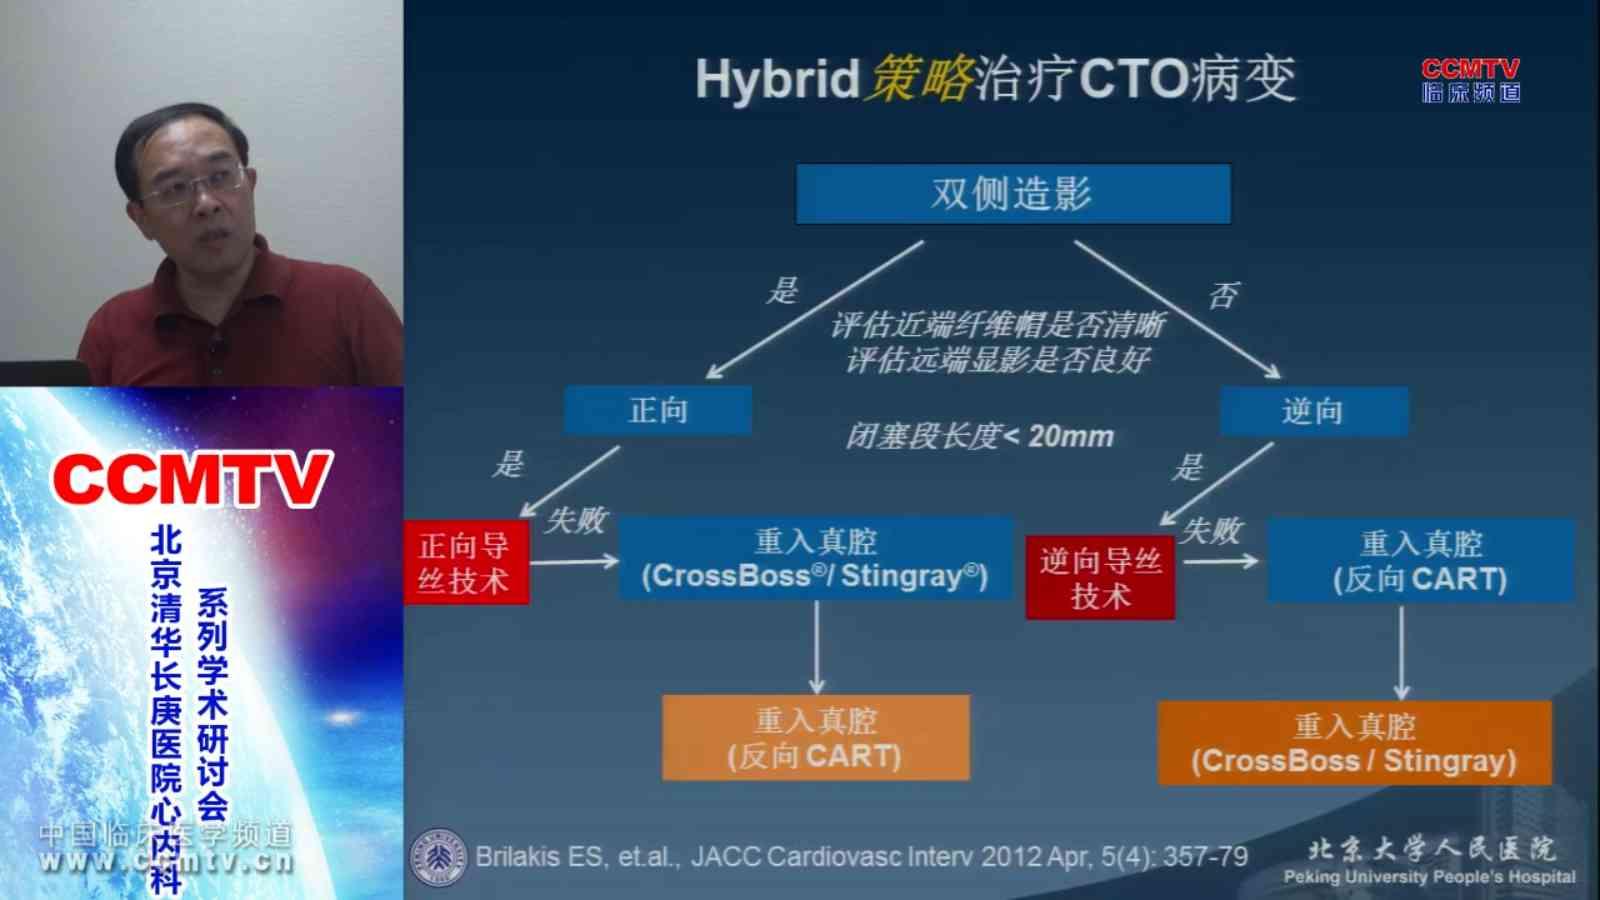 心血管疾病 局部治疗 CTO 王伟民:CTO的治疗新进展